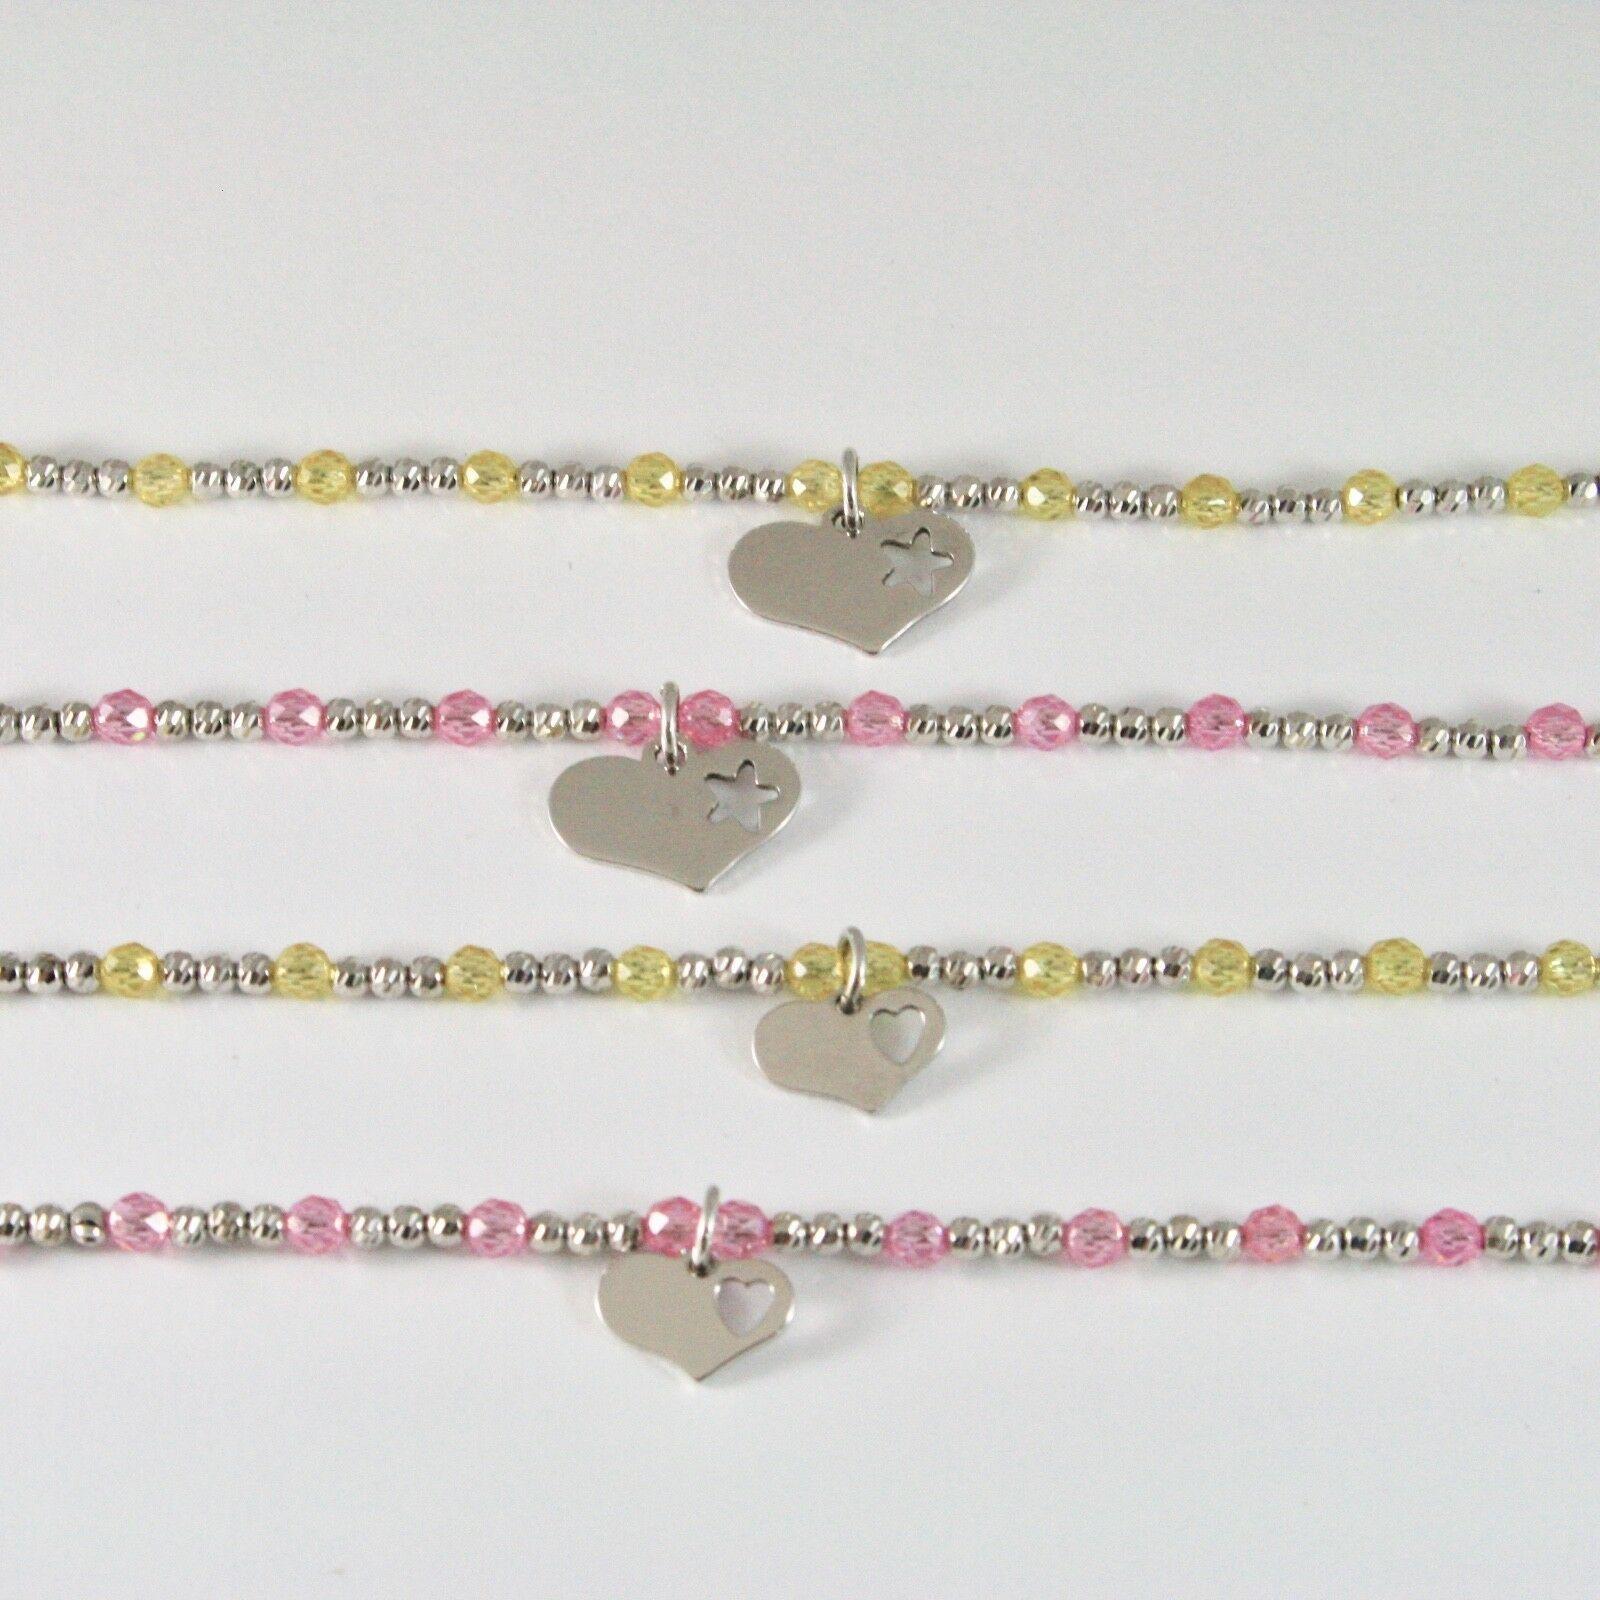 Pulsera de Plata 925 Rodio con Zirconia Cúbicos Bolas y Colgante Novia